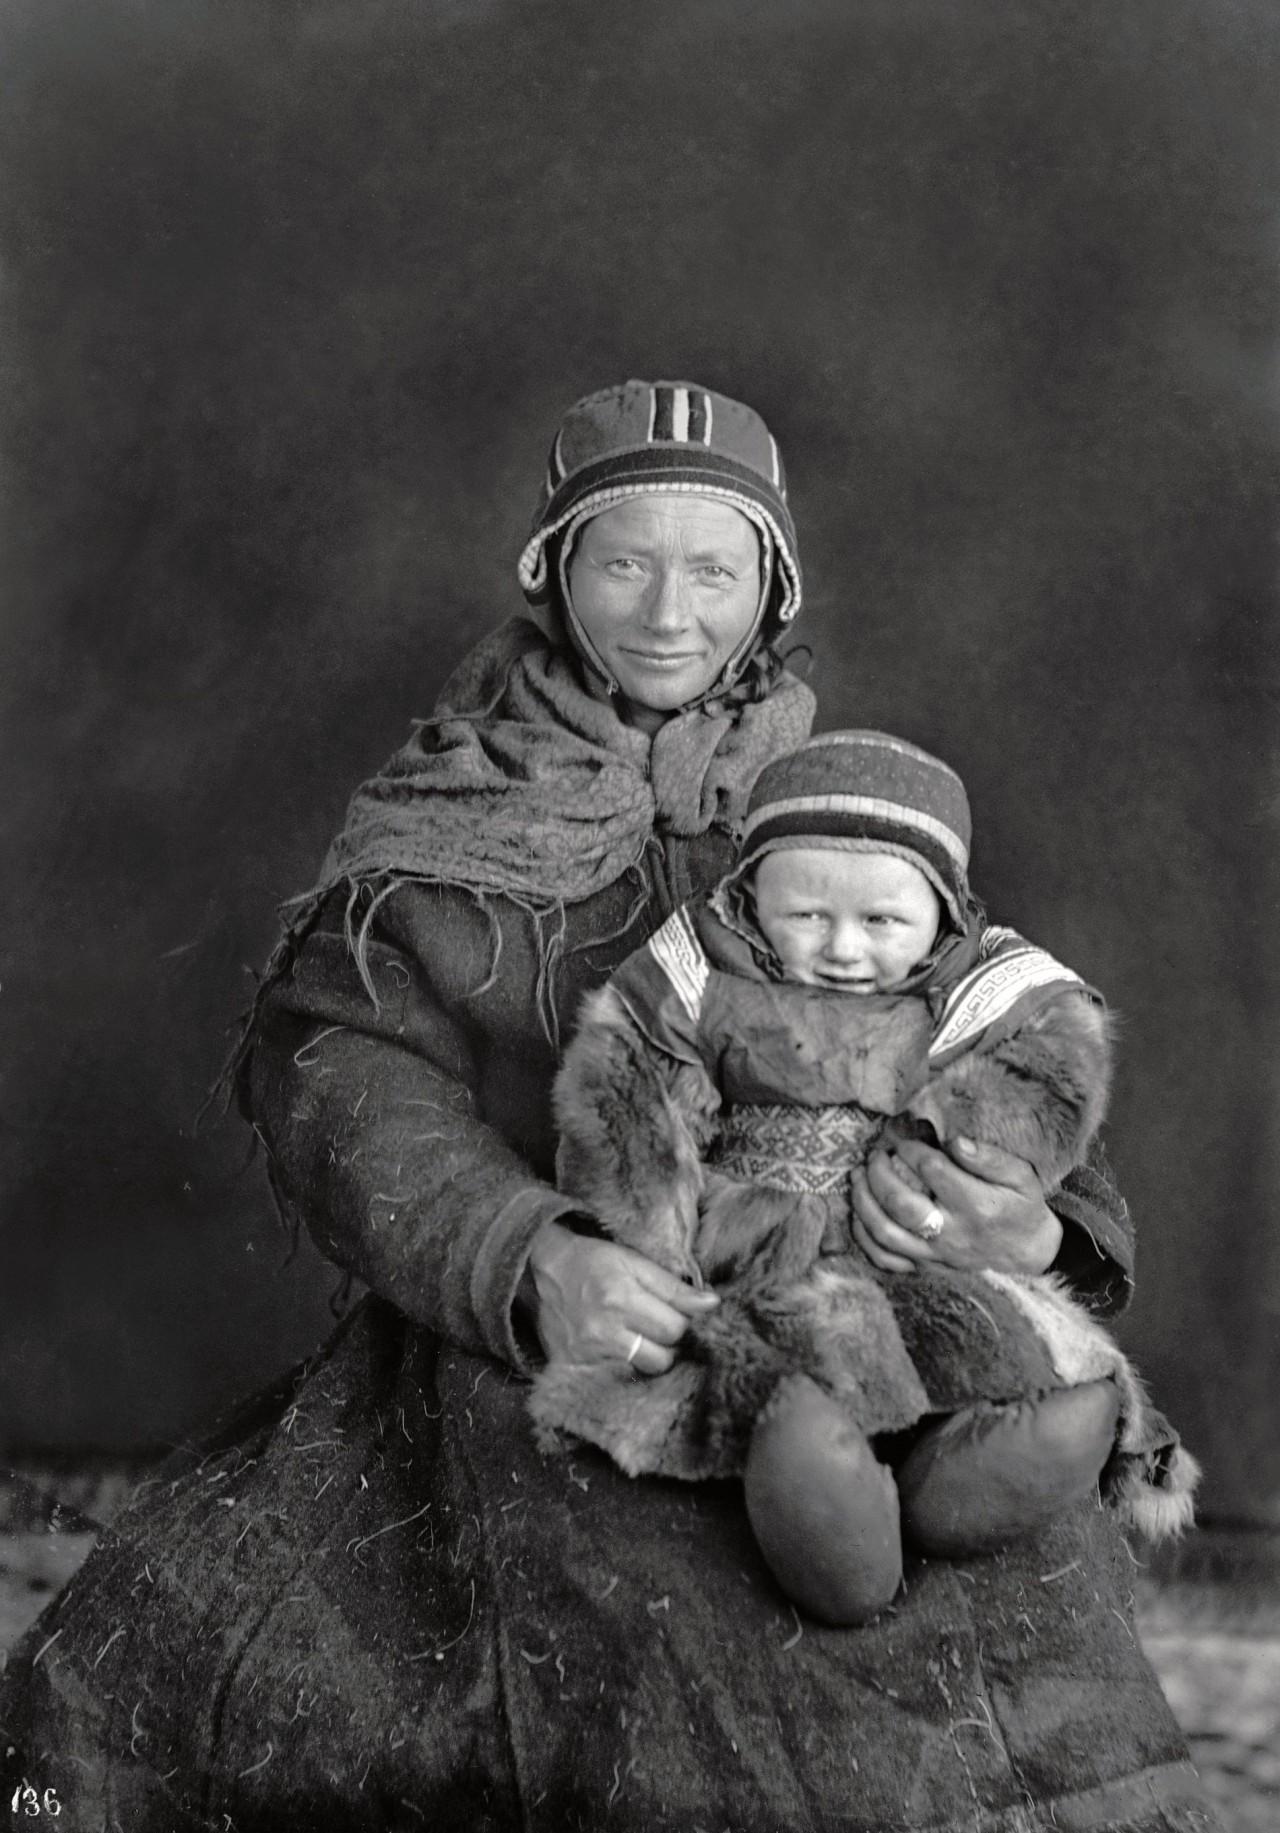 Брита Олсдаттер Нанго с малышом. Автор Софус Тромгольт